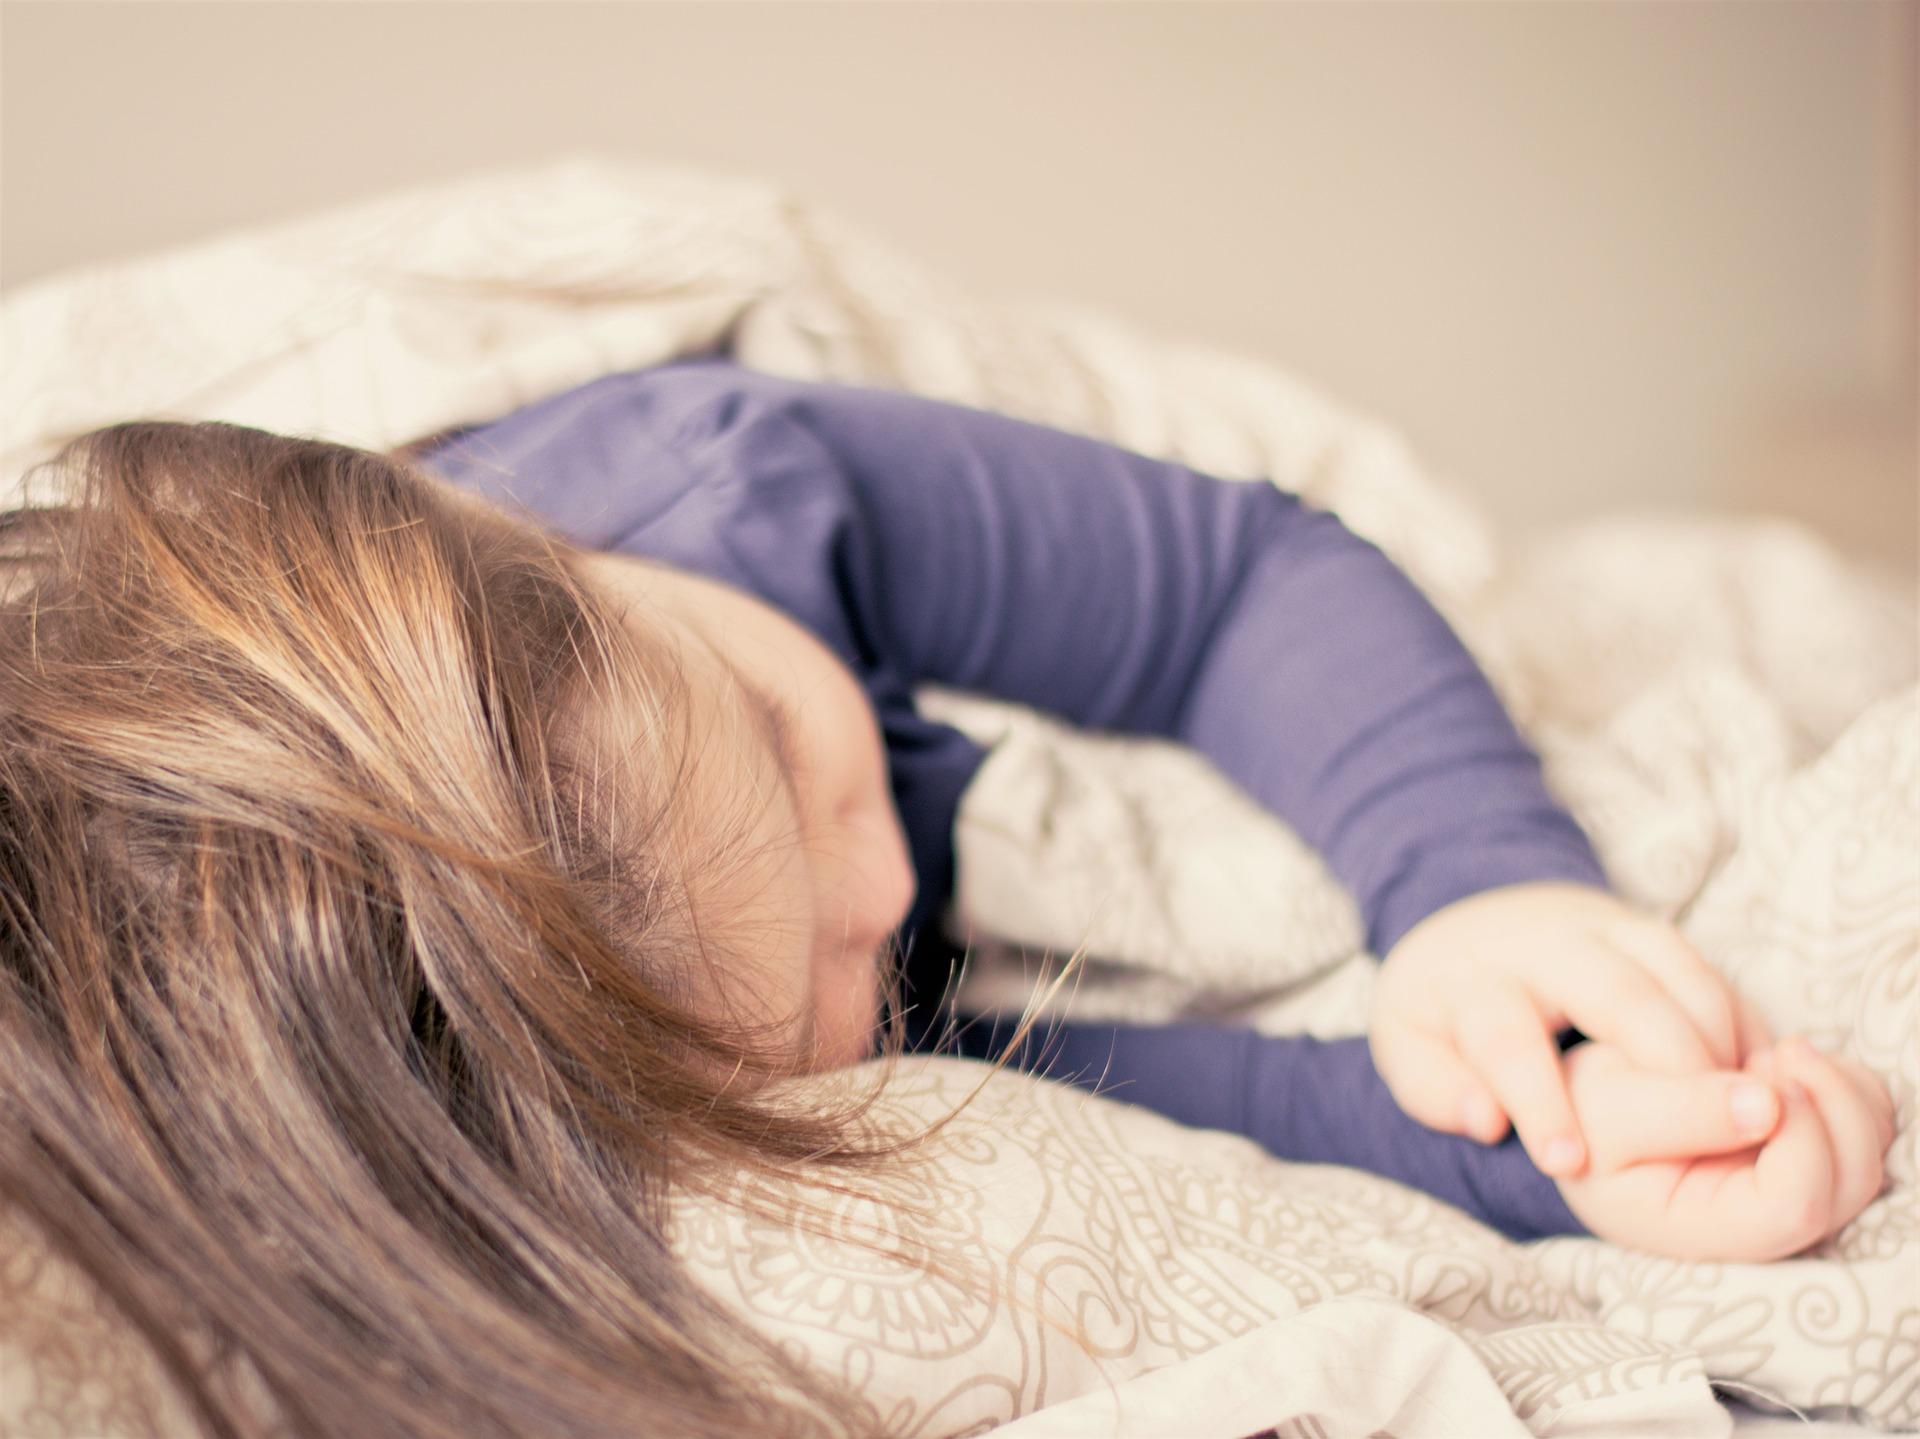 Die meisten Eltern hatten schon mindestens einmal Schwierigkeiten damit, ihr Kind ins Bett zu bring